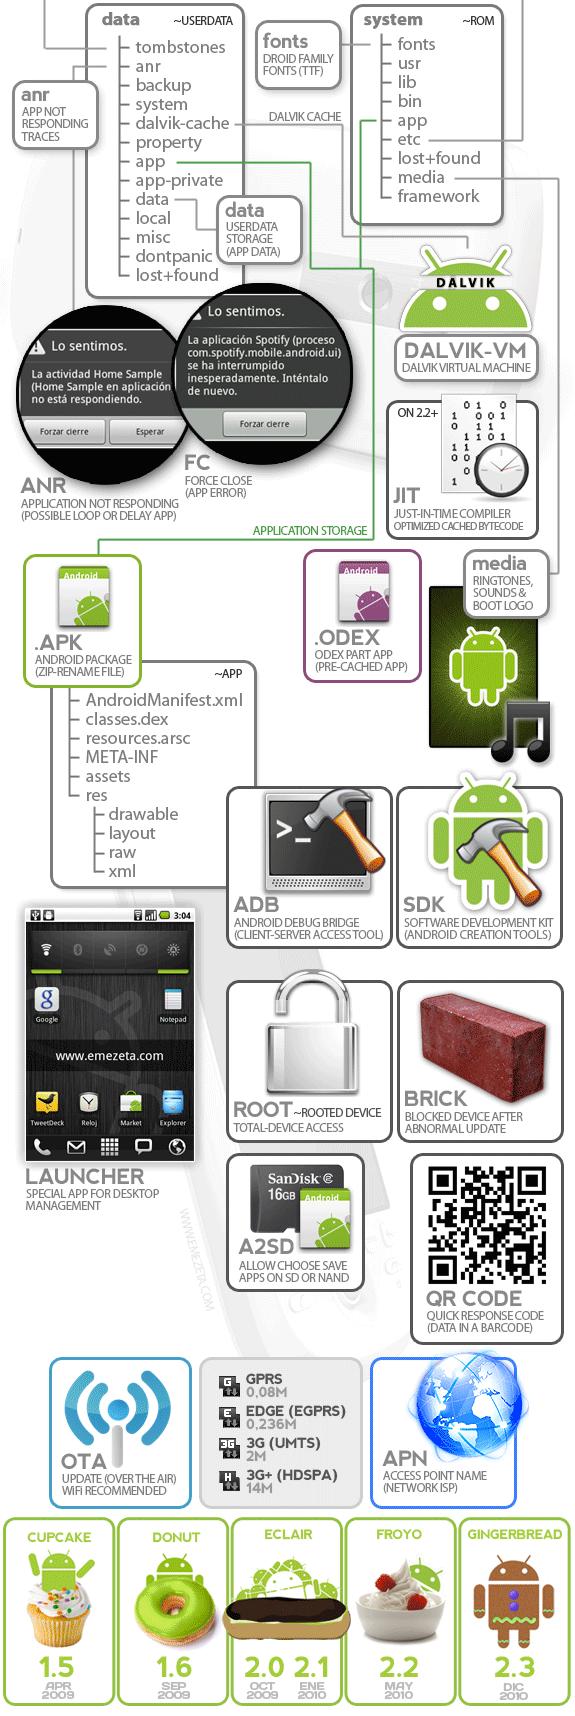 Infografía sobre Android: Particiones system y data, ANR, FC, maquina virtual dalvik, términos variados y versiones de Android.